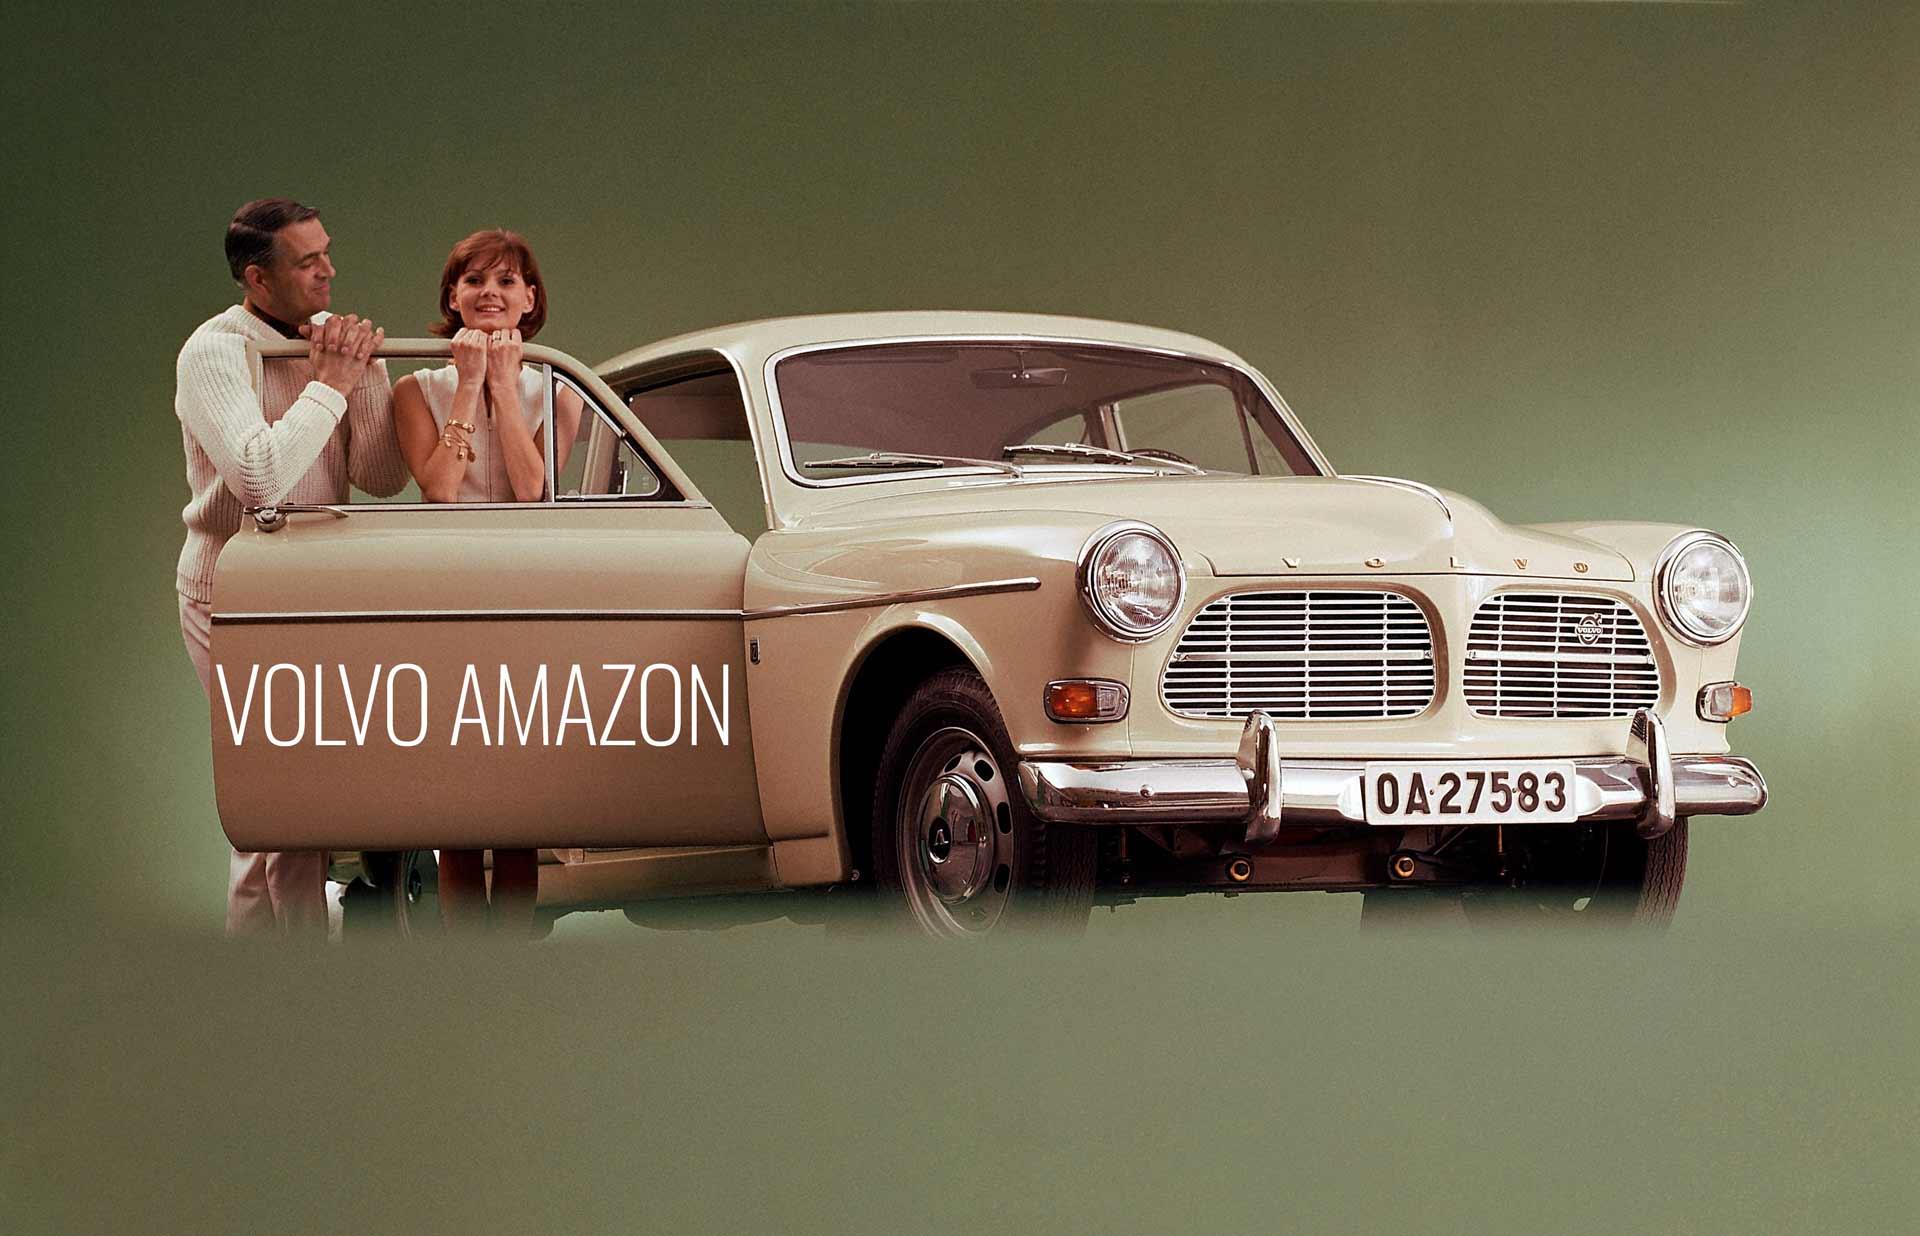 Volvo Amazon -